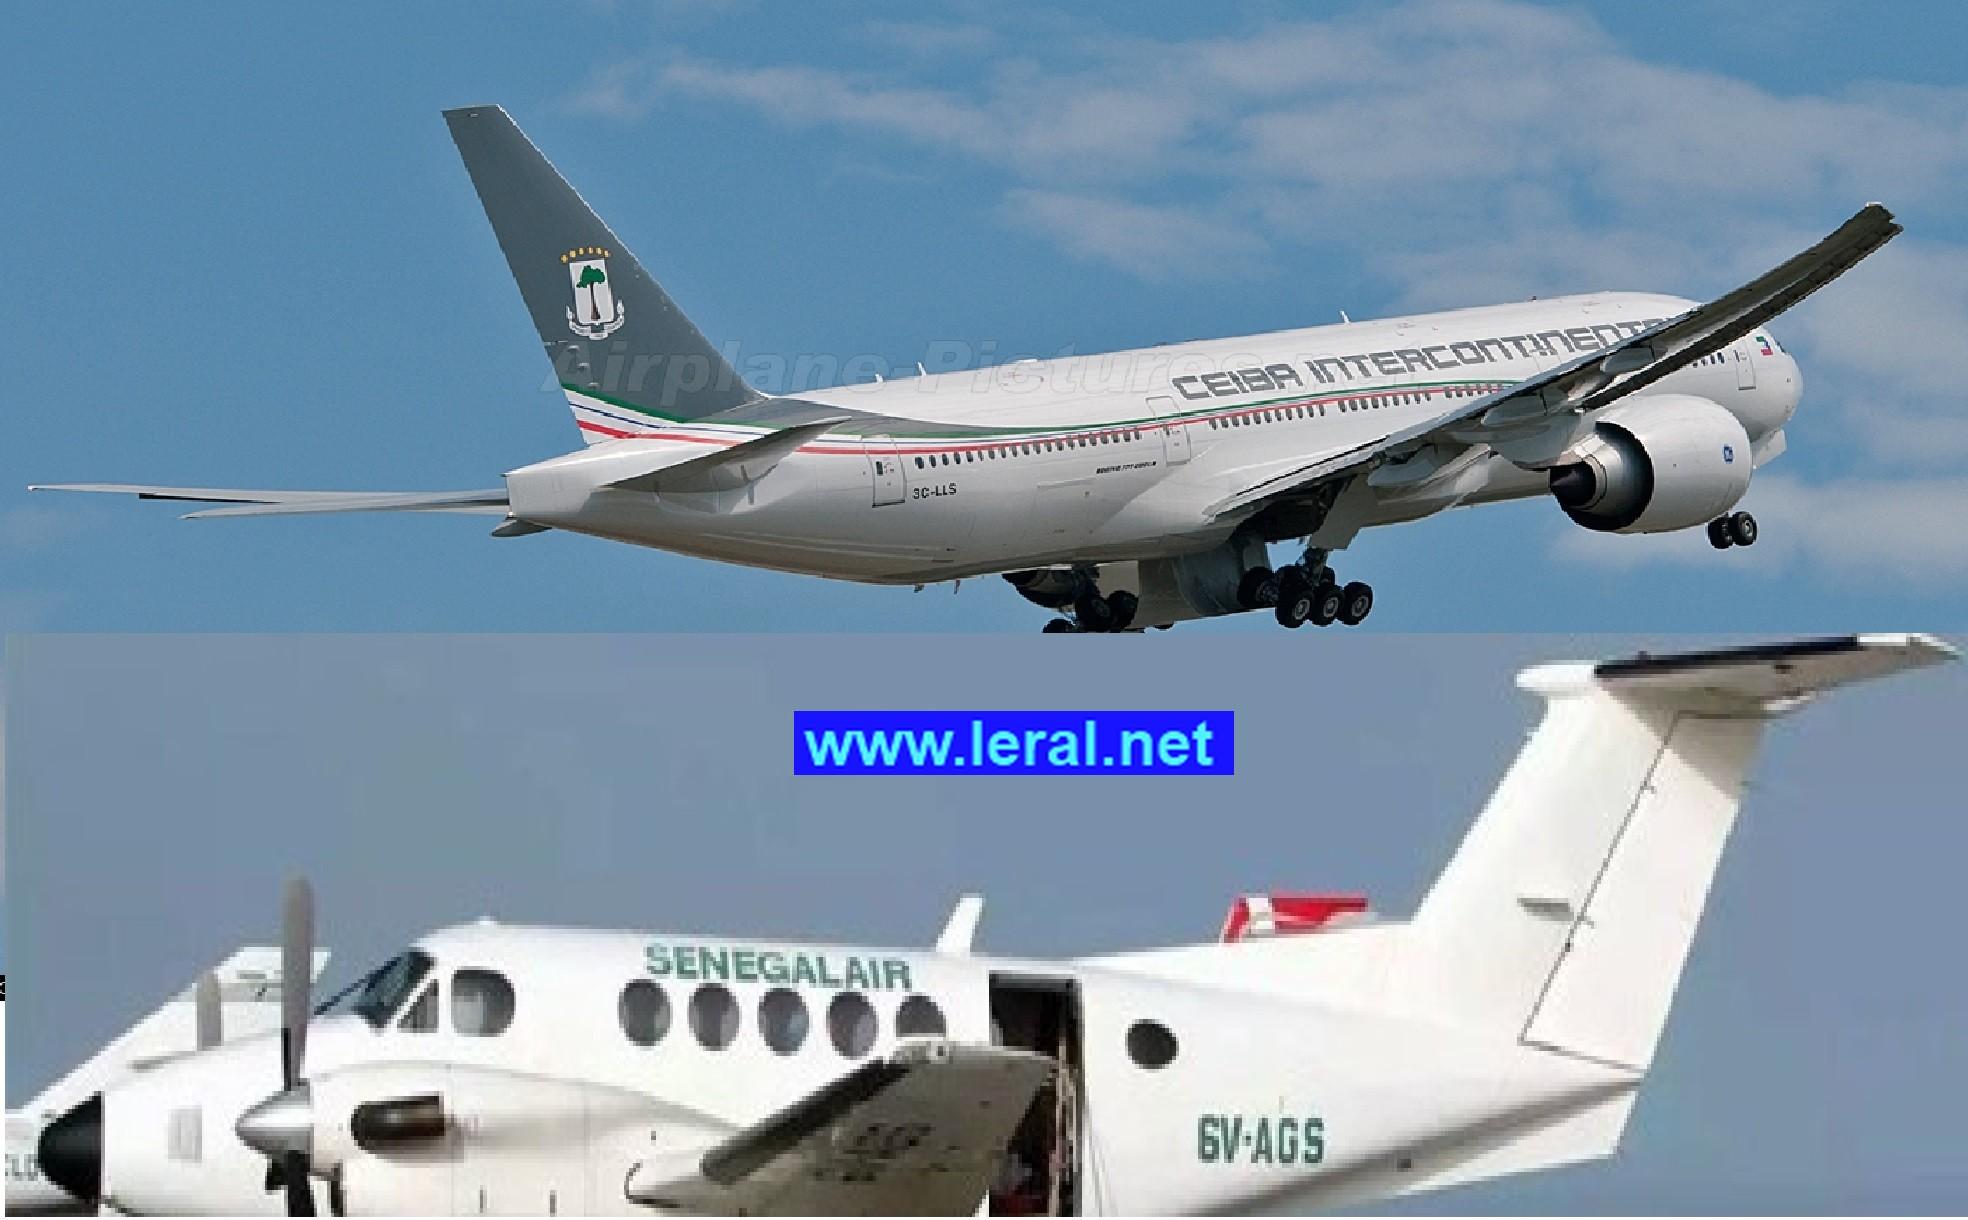 L'armée de l'air envisage d'abandonner les recherches de l'avion de Sénégalair